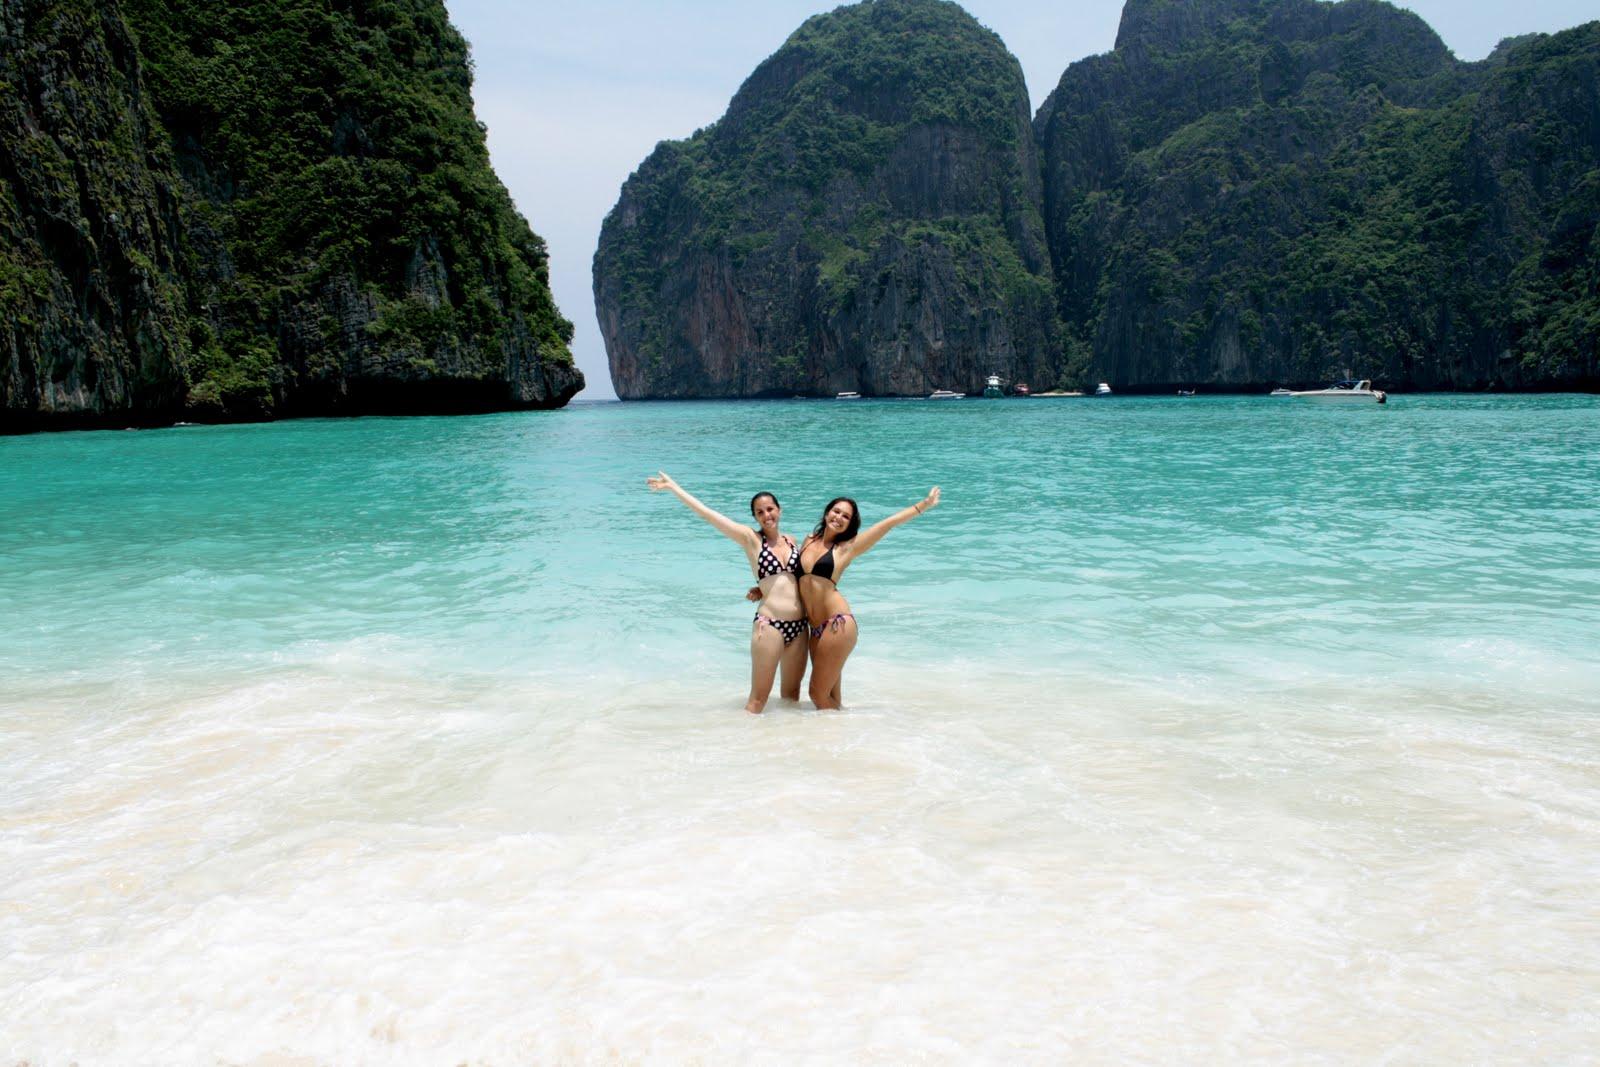 Тайланд на пляже фото с туристами